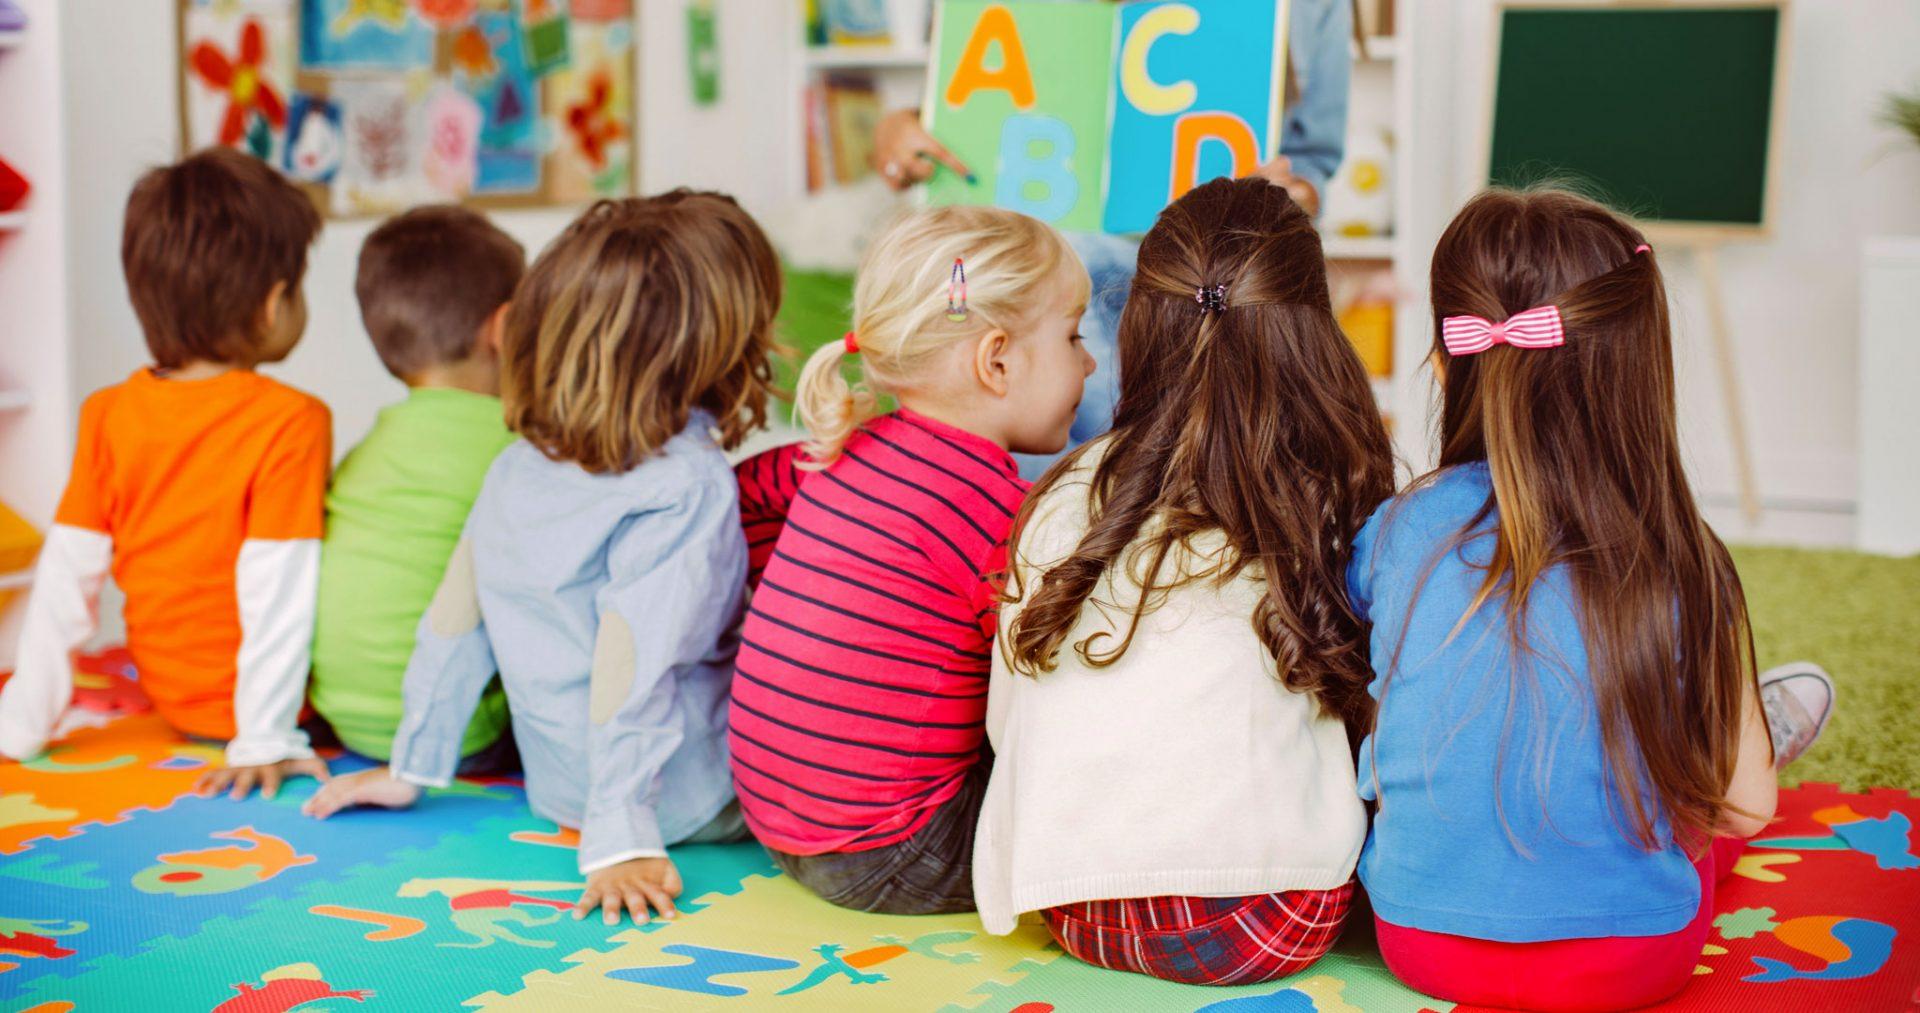 Consolidamento sismico per la scuola d'infanzia di Caruscino. Al via la gara per l'affidamento dei lavori